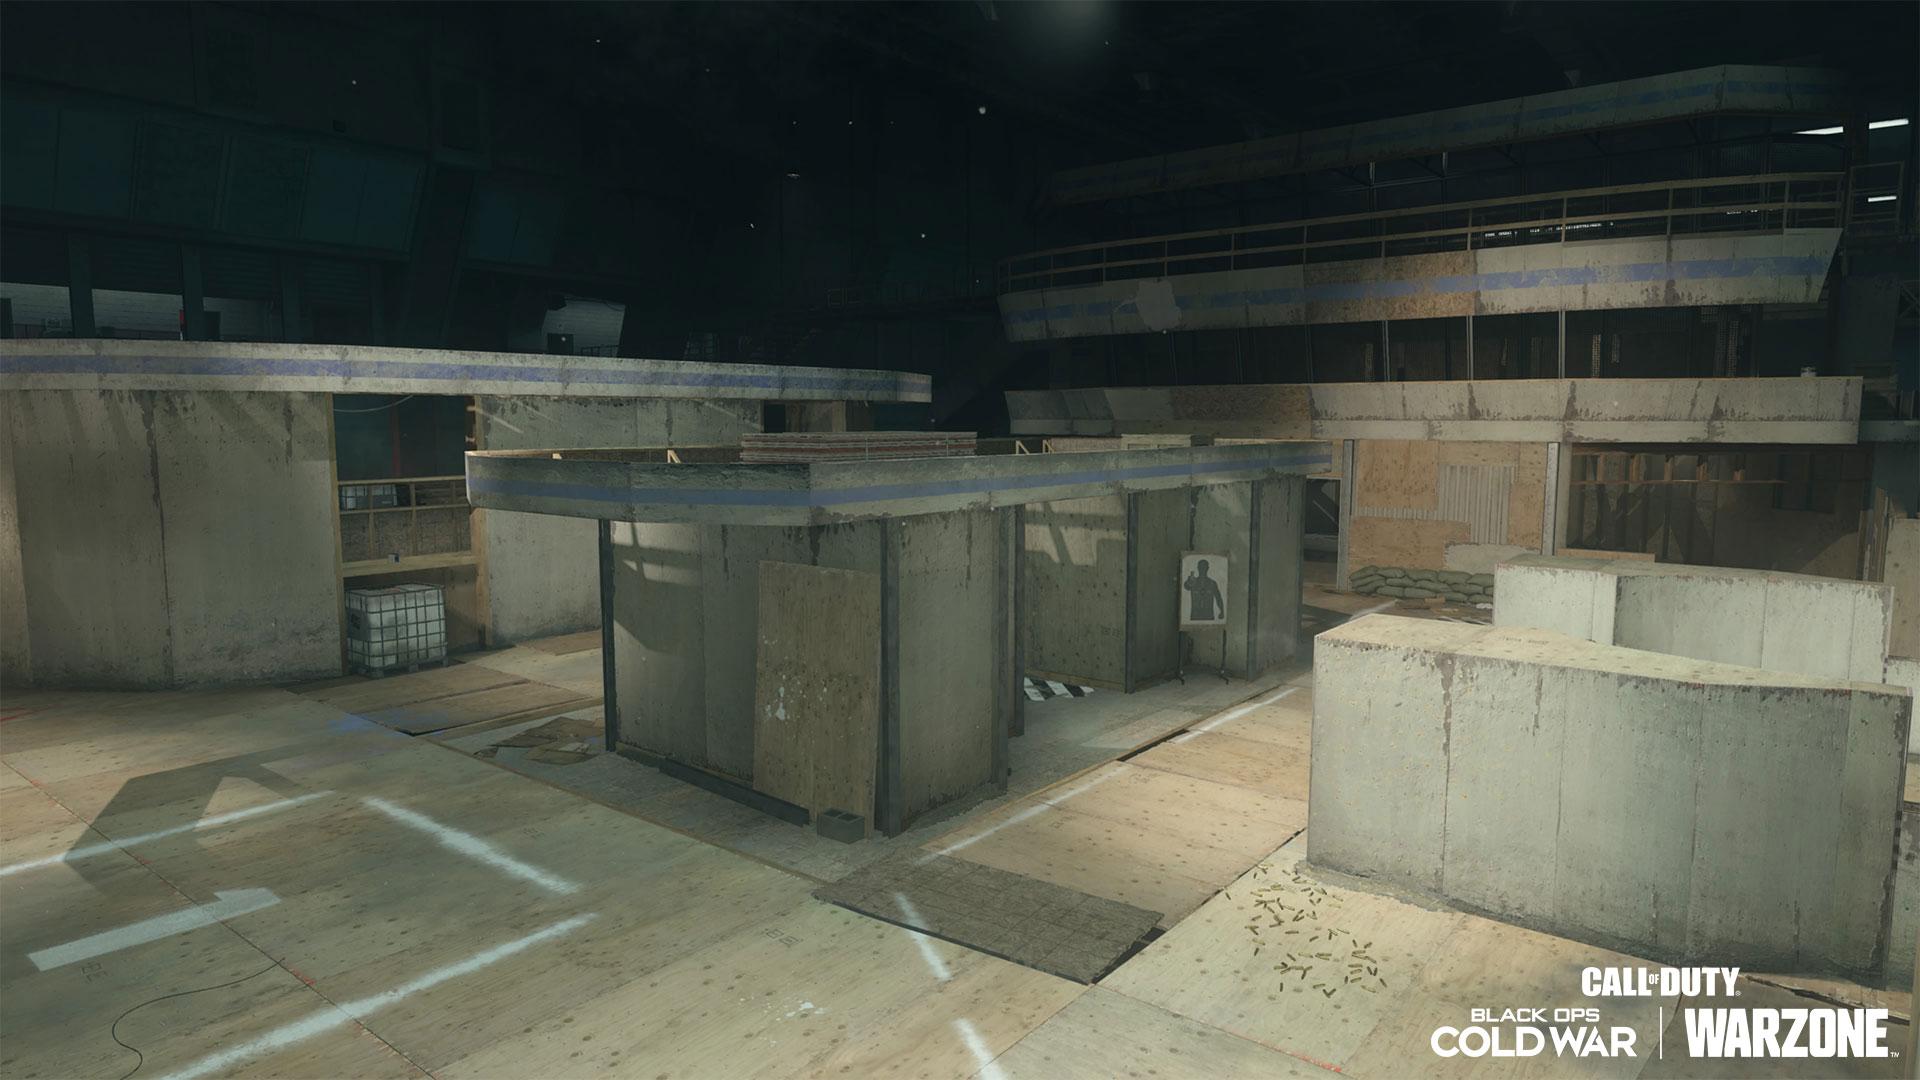 Concrete building interior